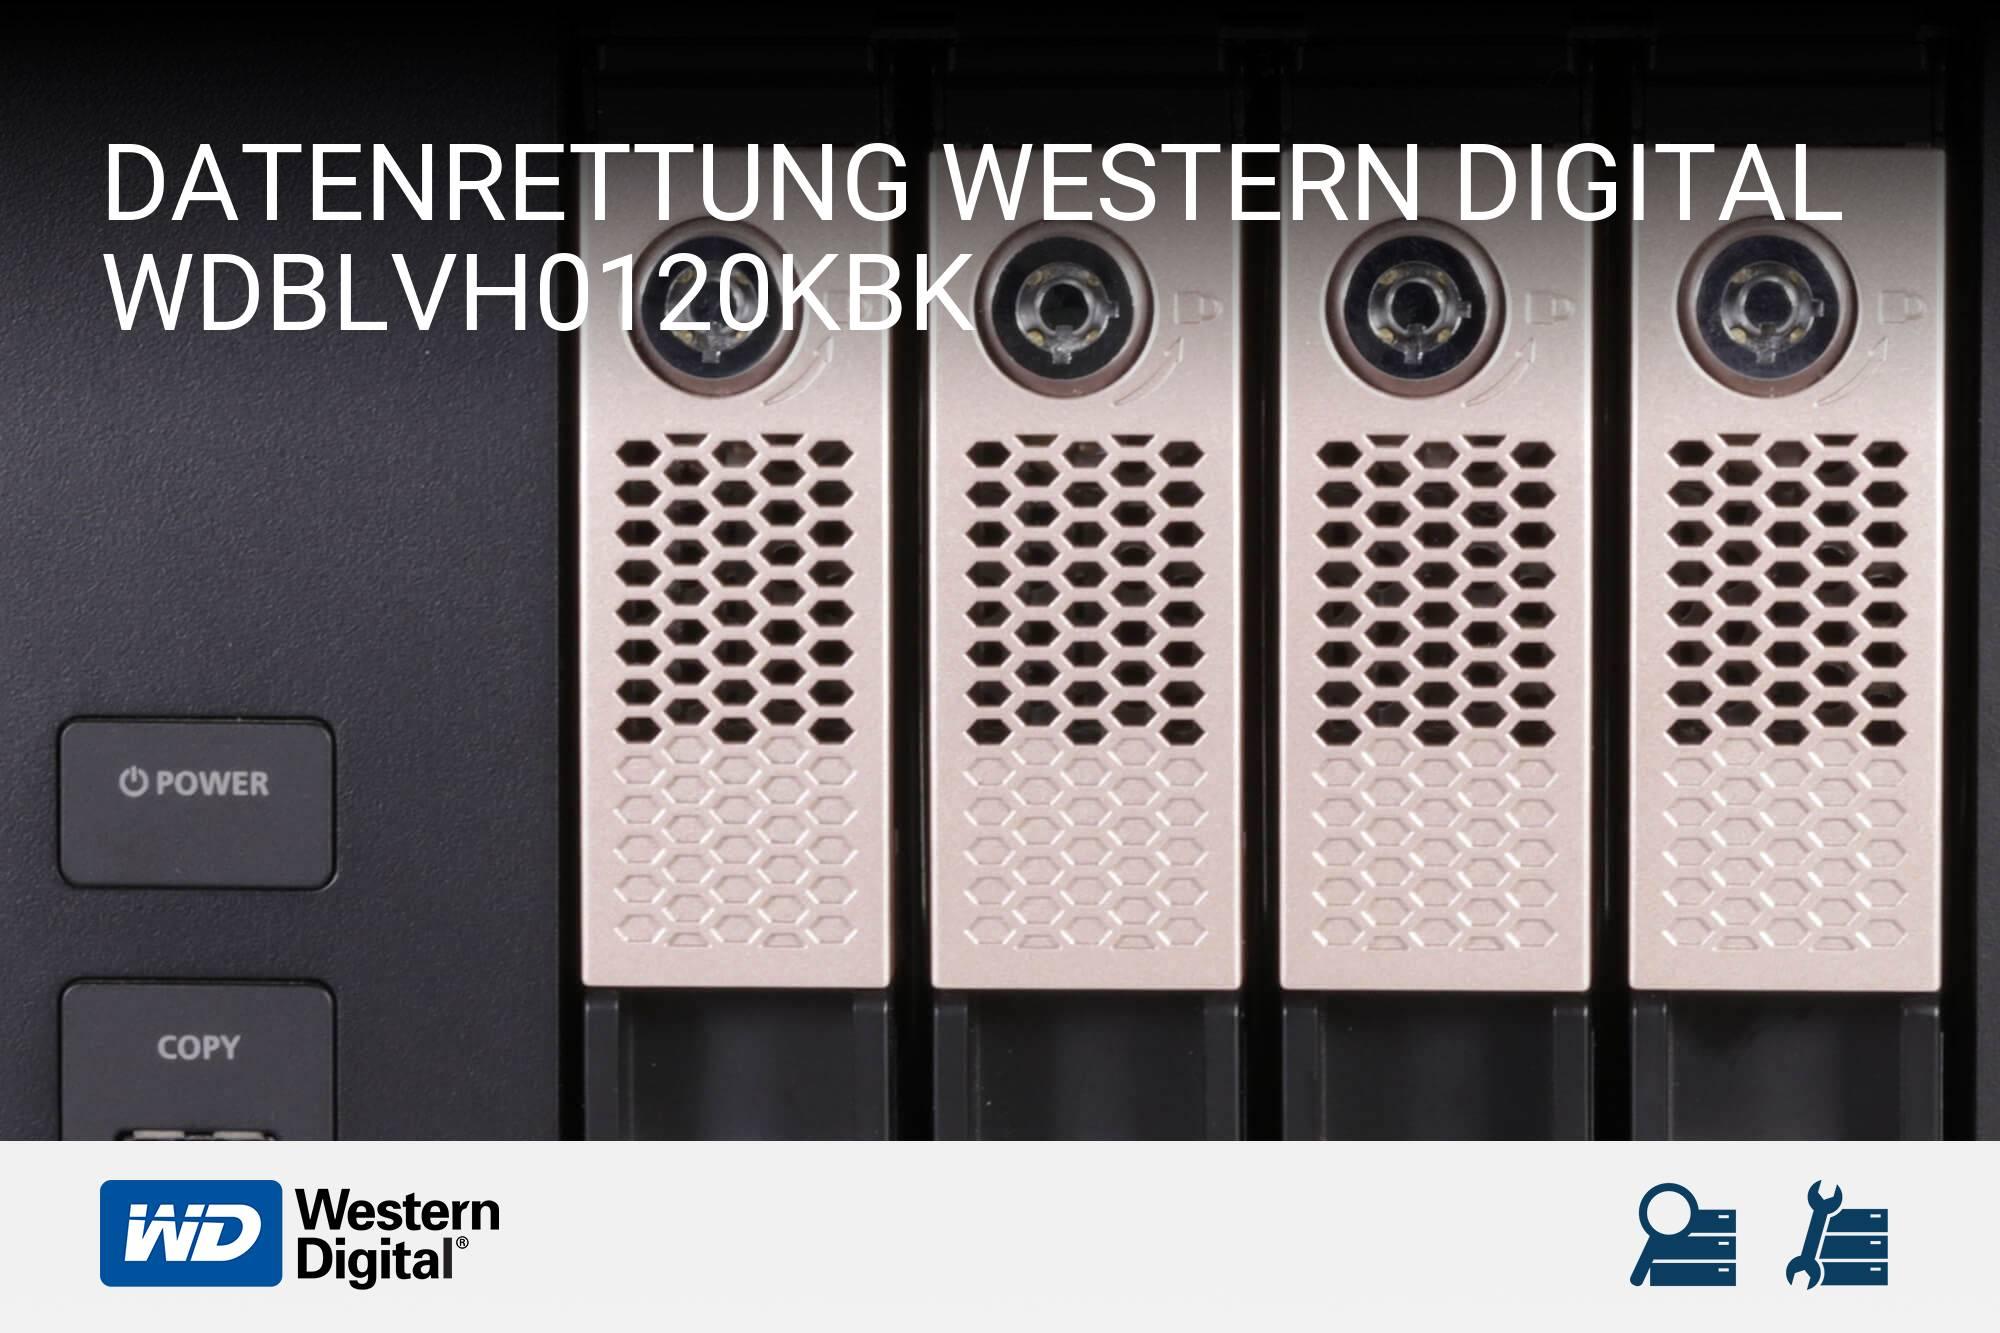 Western Digital WDBLVH0120KBK